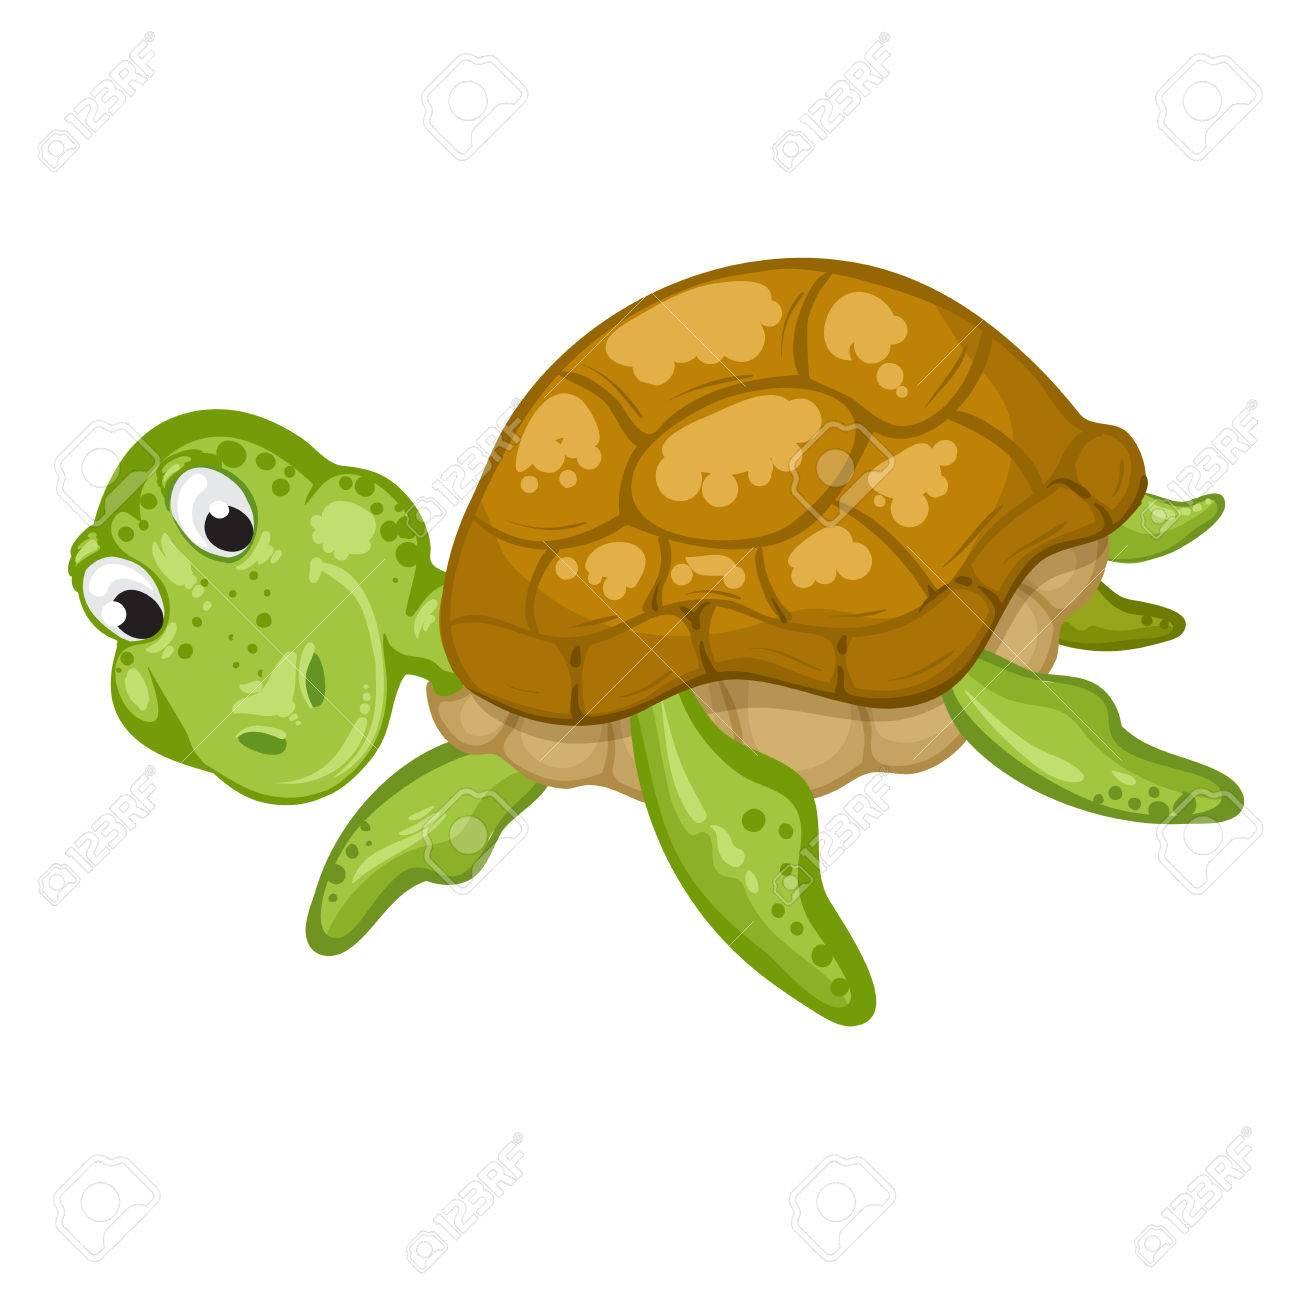 cute sea turtle cartoon ロイヤリティフリークリップアート ベクター